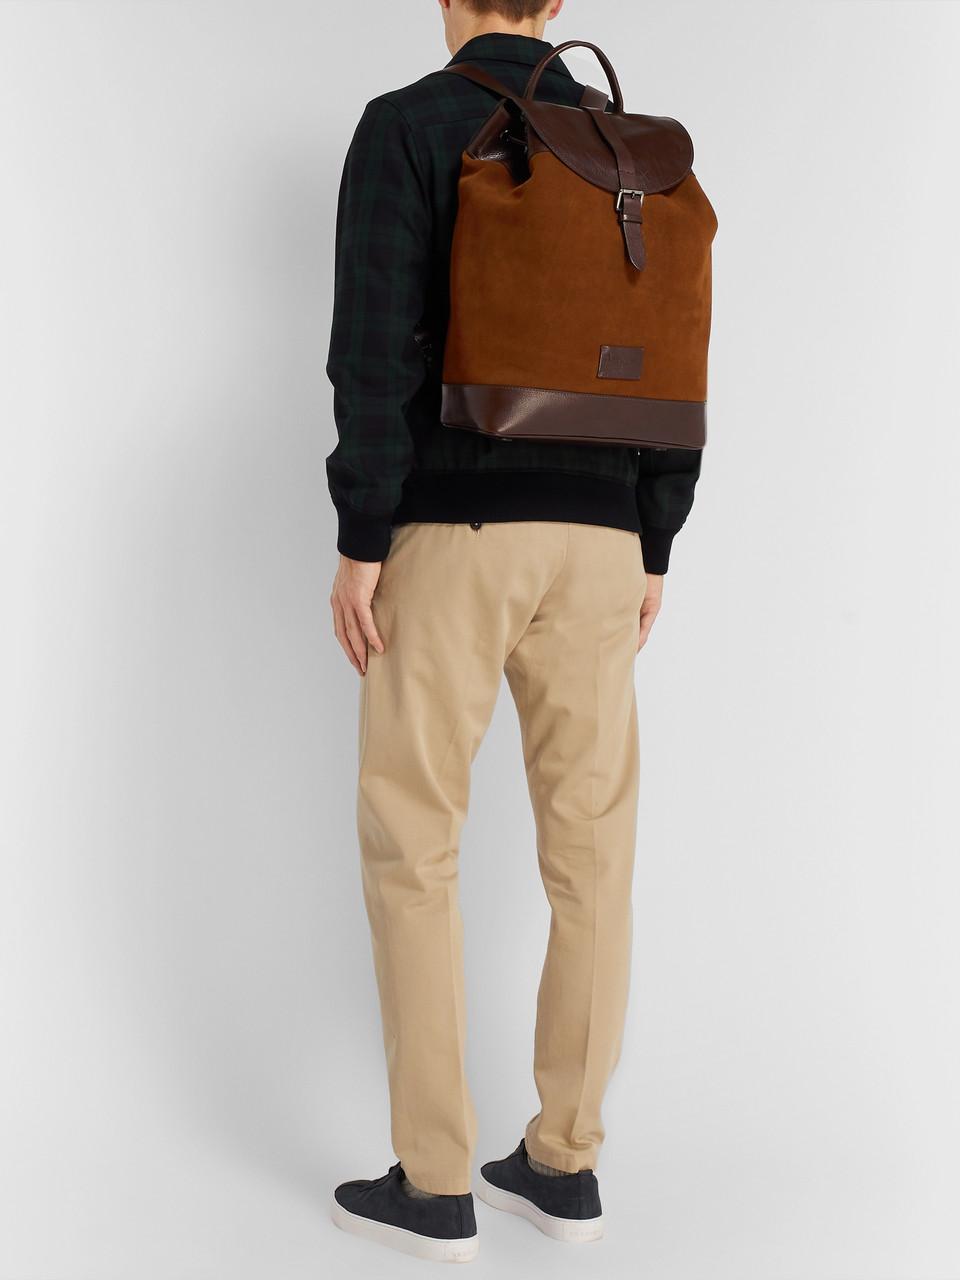 54a7b4f90c Backpacks for Men | Designer Accessories | MR PORTER